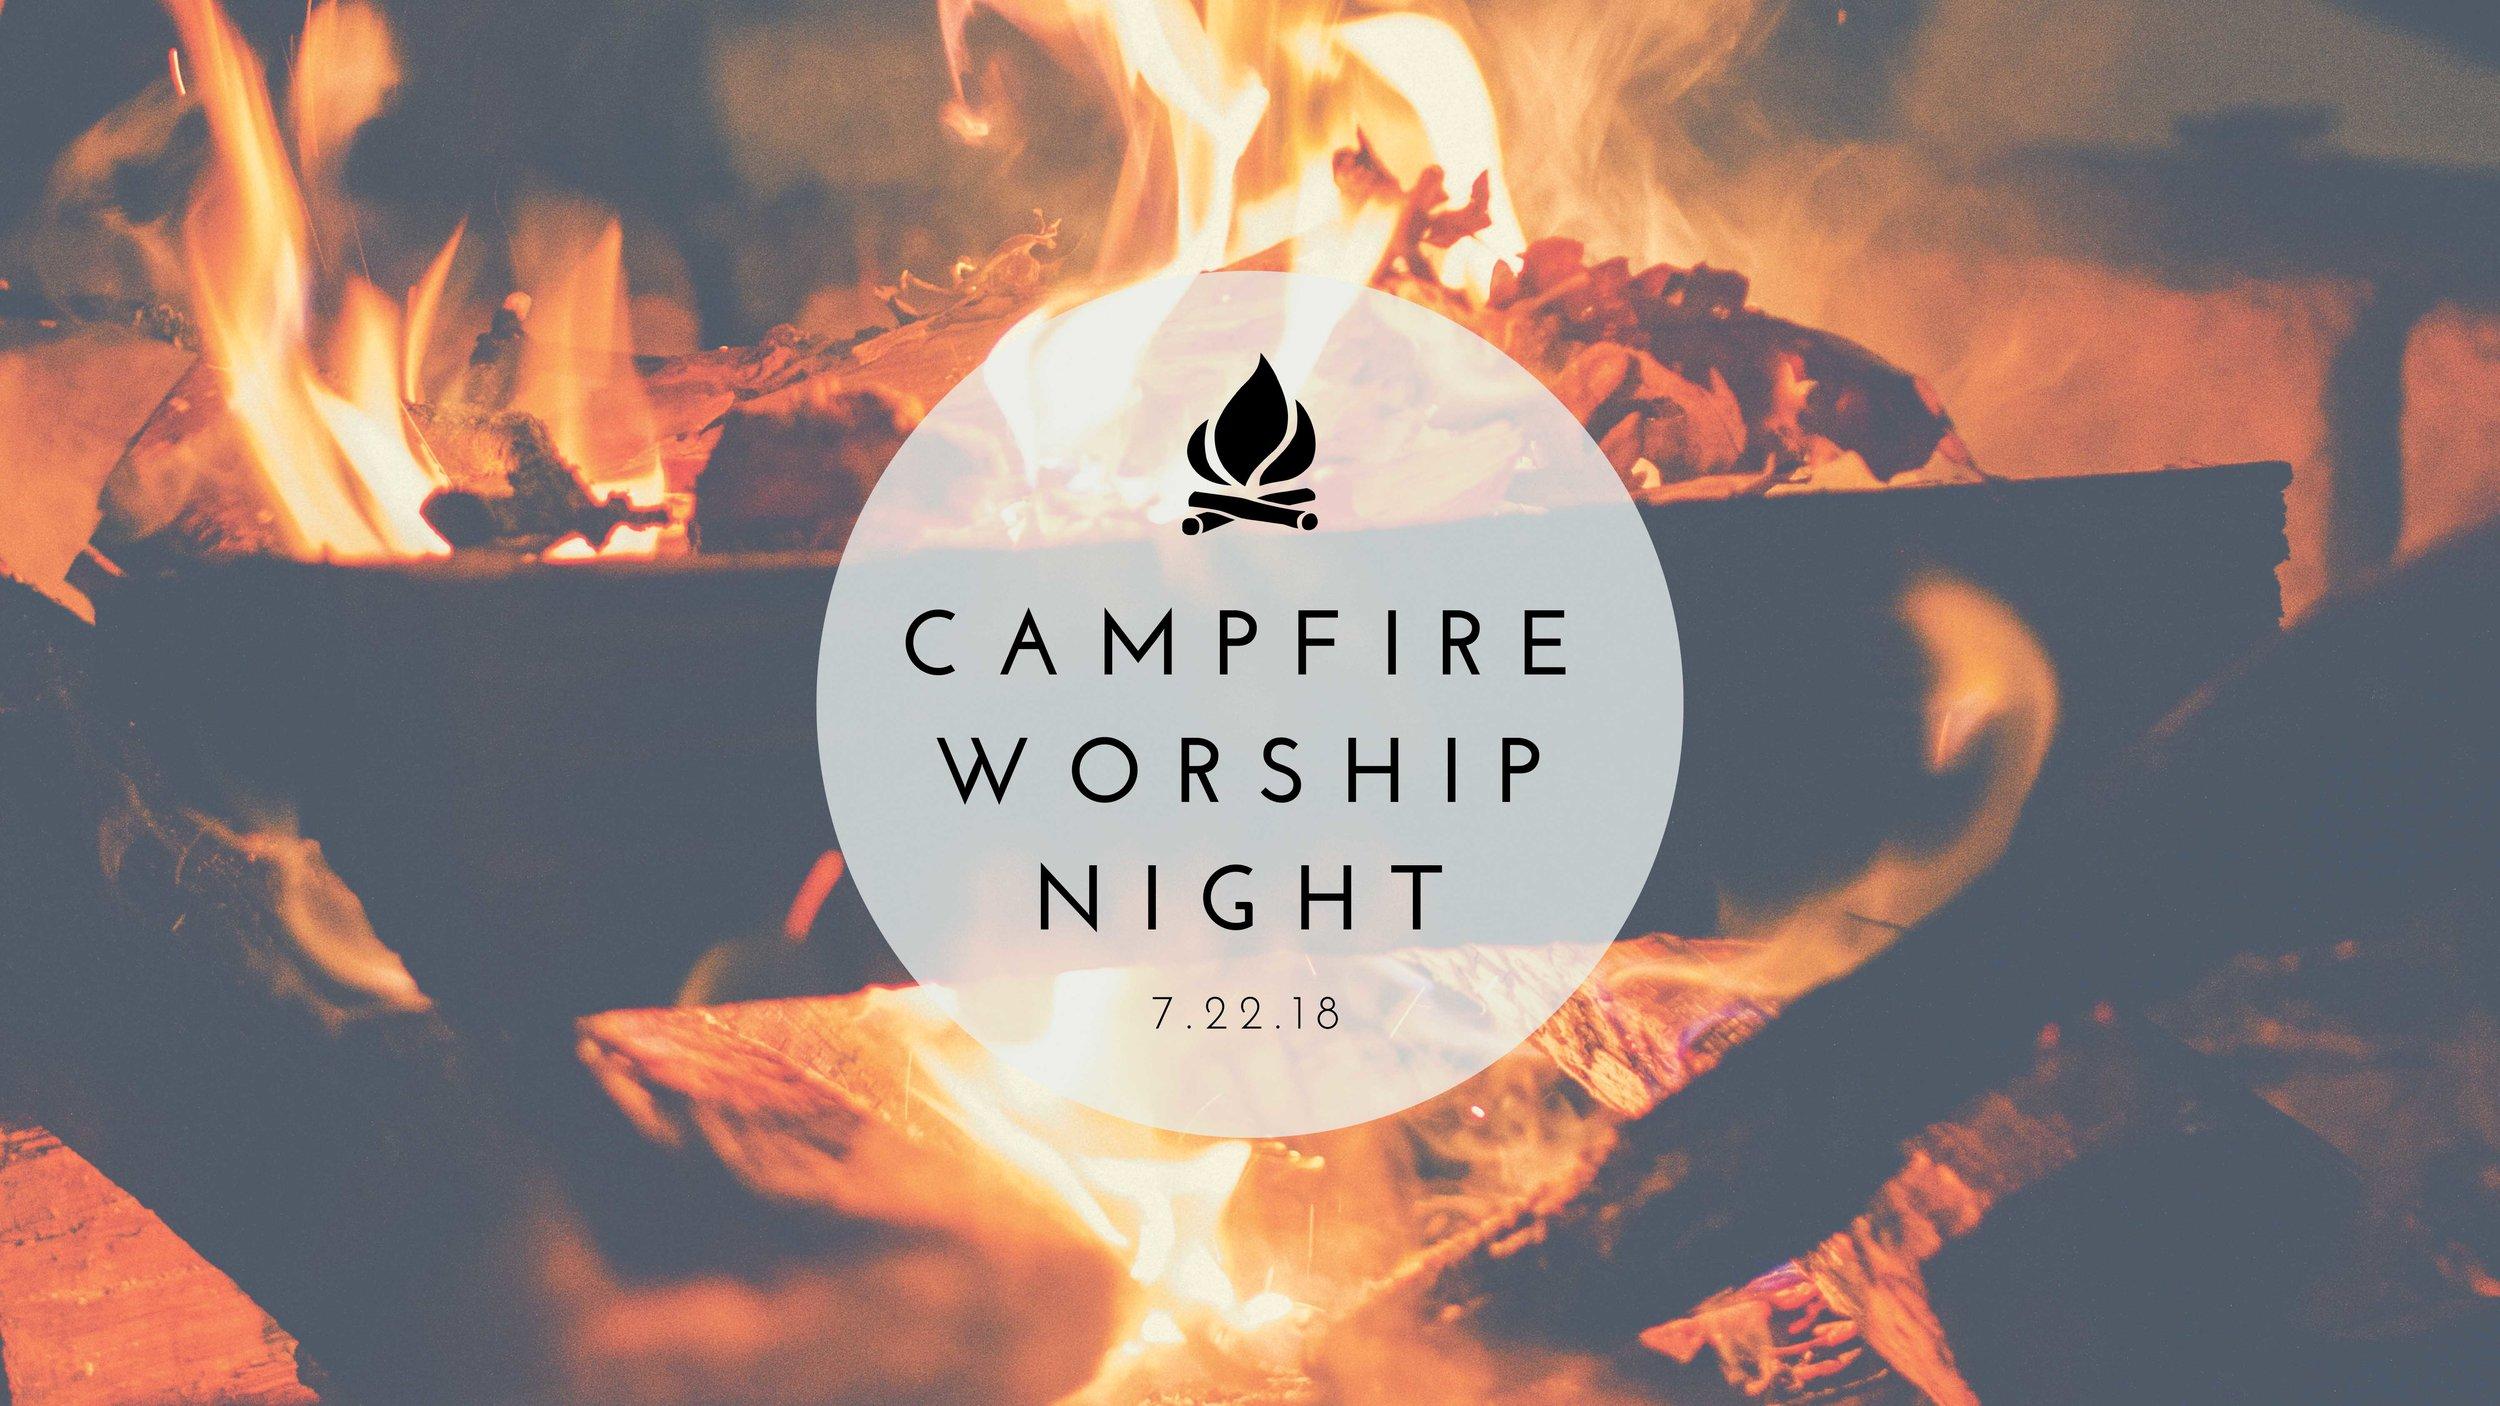 campfireworshipnight.jpg